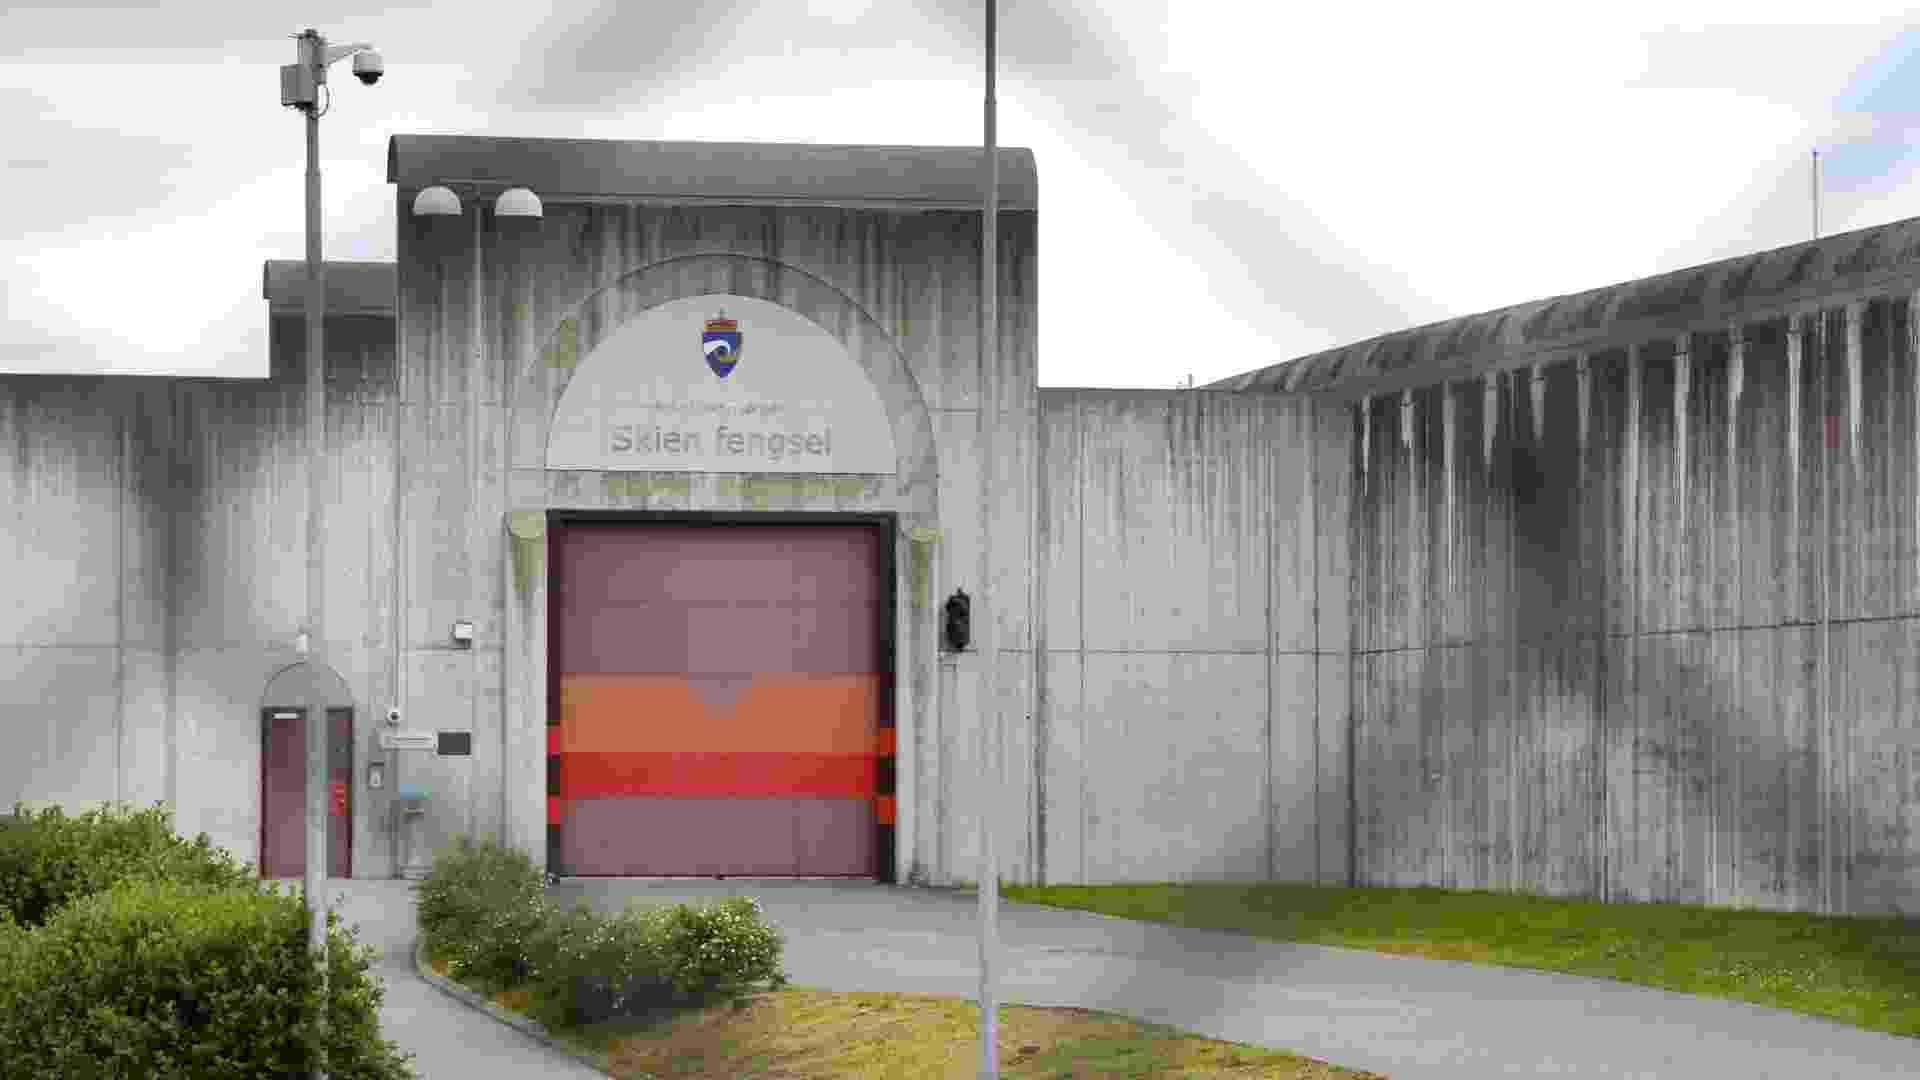 27.ago.2012 - Fachada da prisão de Skien, onde o autor confesso do massacare na Noruega, Anders Behring Breivik, vai cumprir a pena de 21 anos, a que foi condenado na sexta-feira (24). Ele foi considerad penalmente culpado pela morte de 77 pessoas em um ataque com bombas e armas de fogo em 2011 - undefined